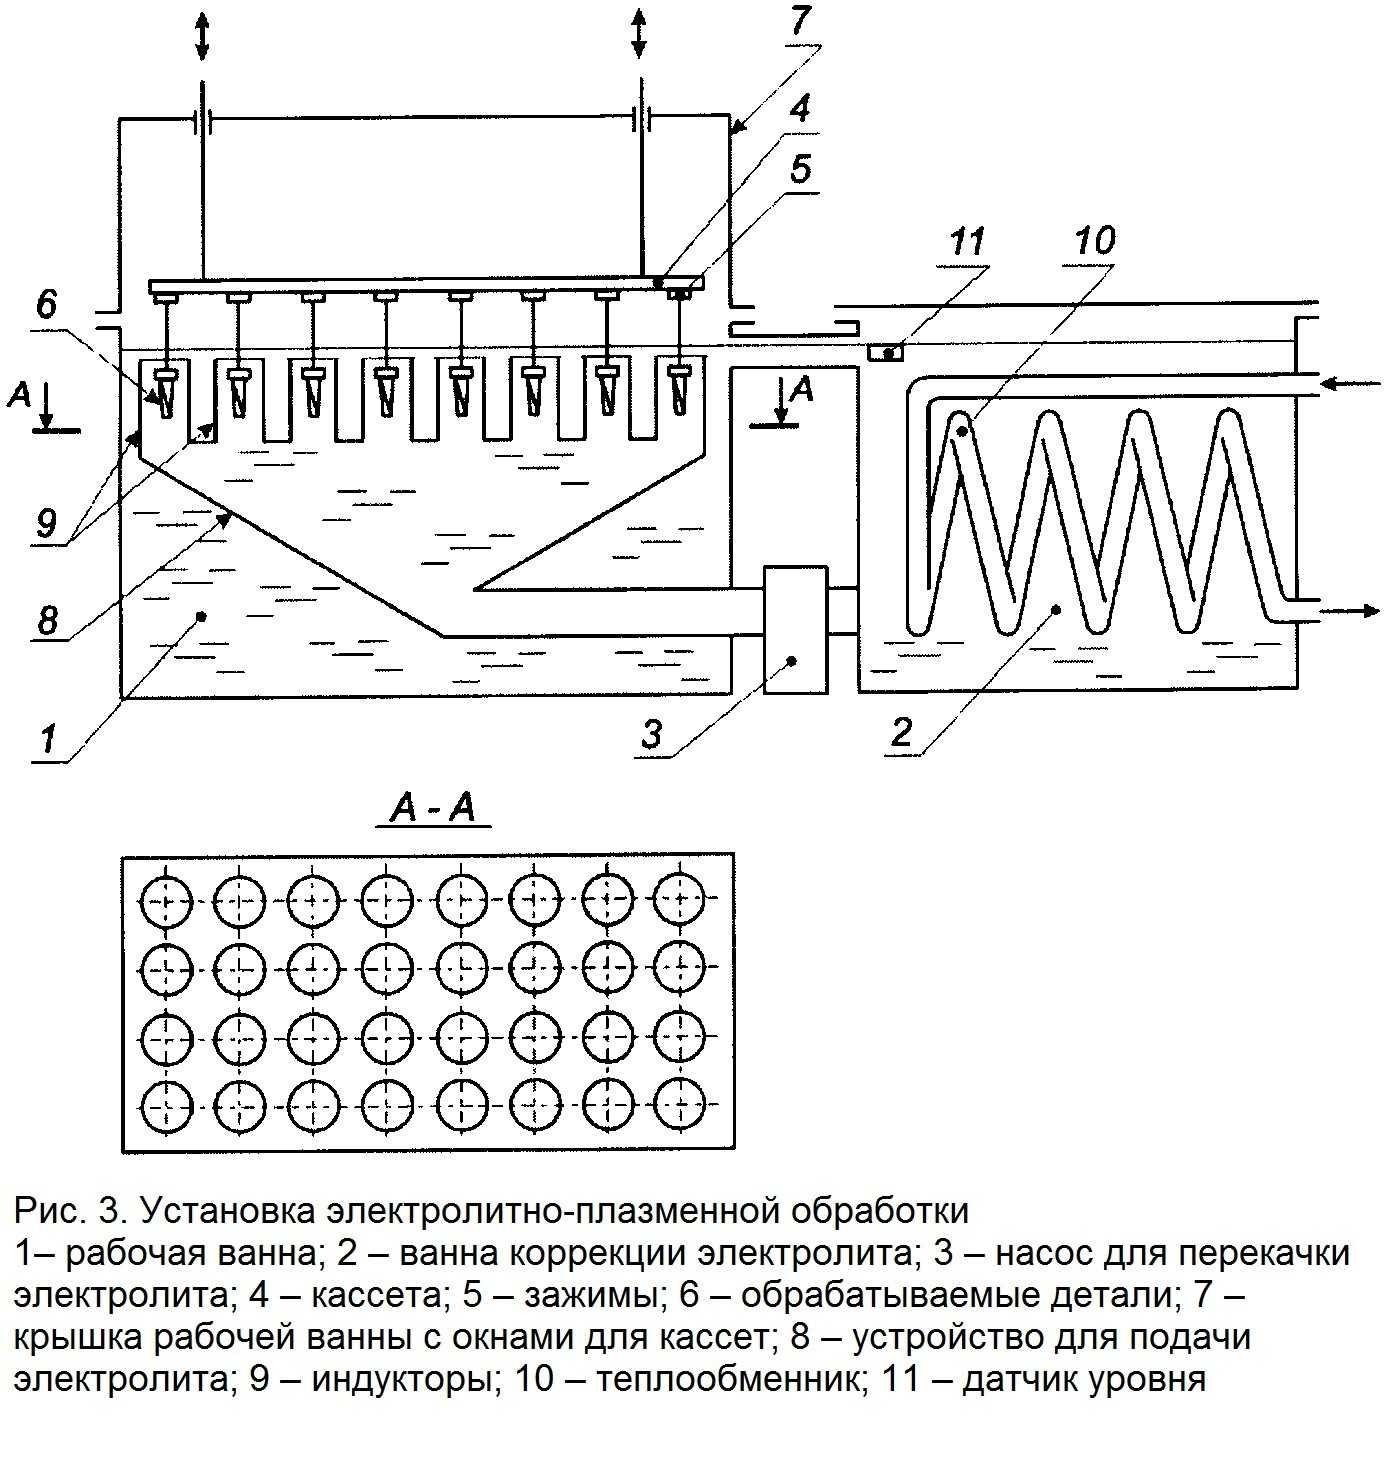 Схема электро-плазменного полирования